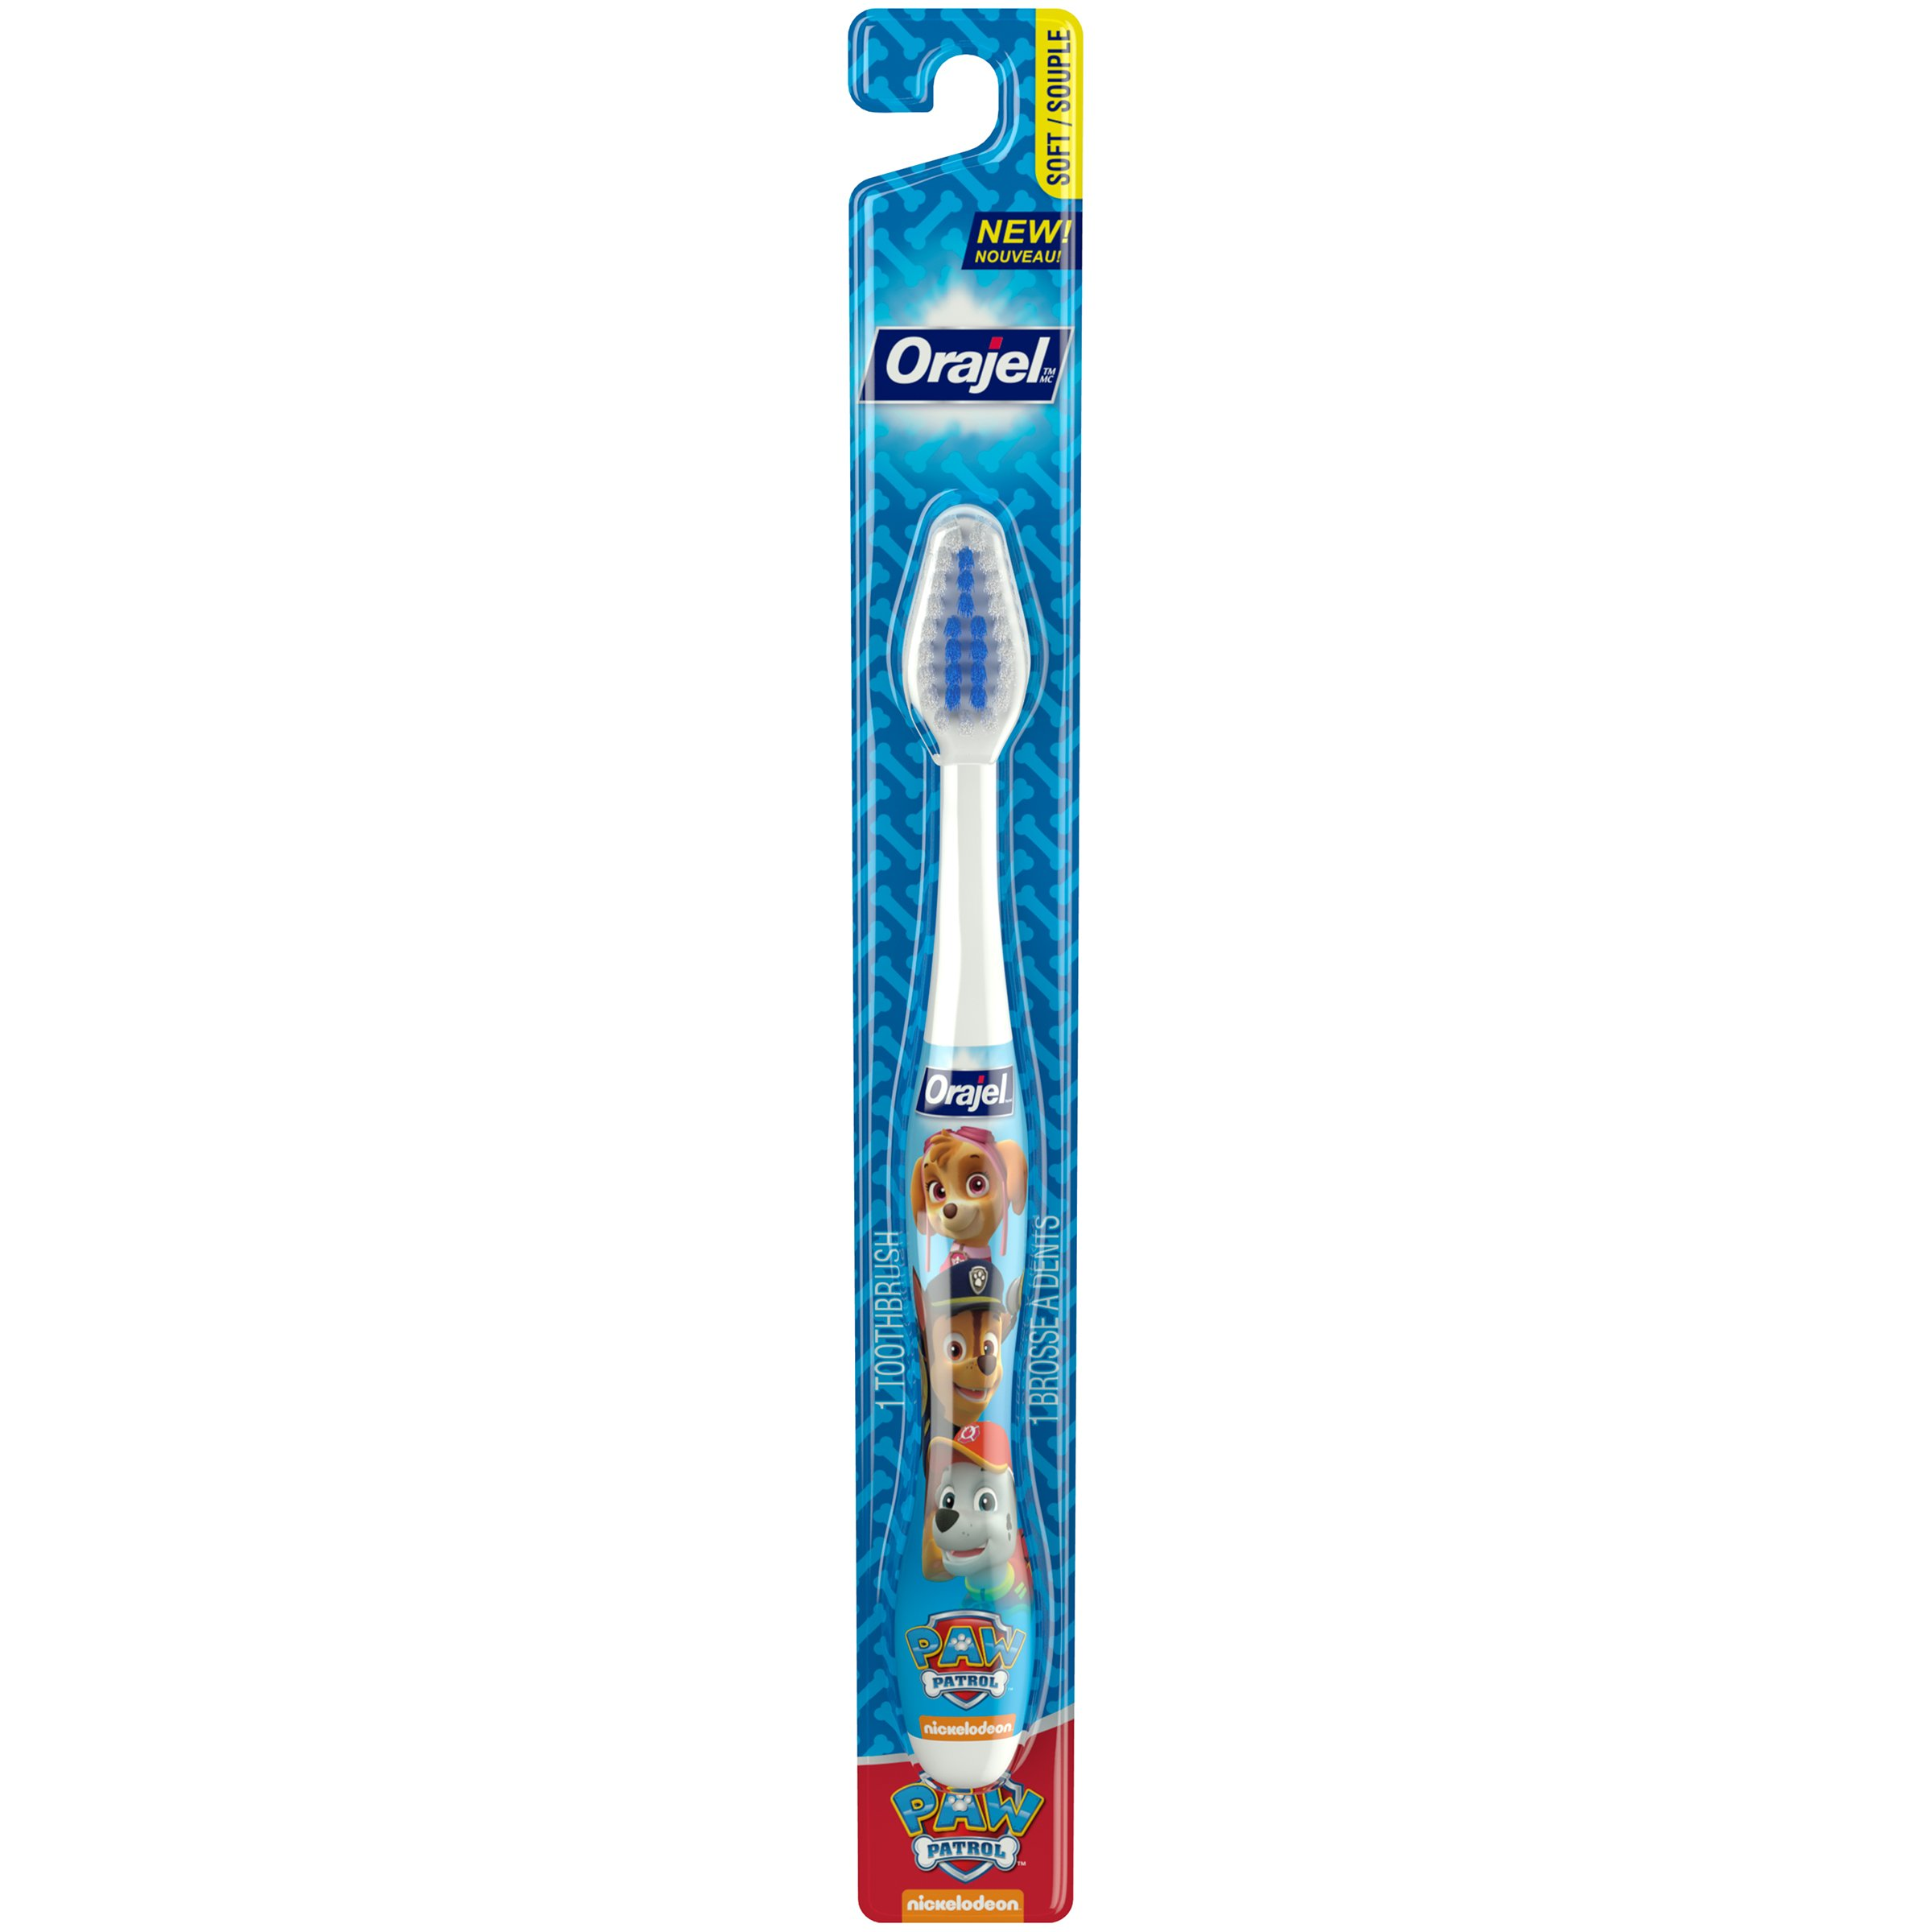 Orajel PAW Patrol Toddler Toothbrush